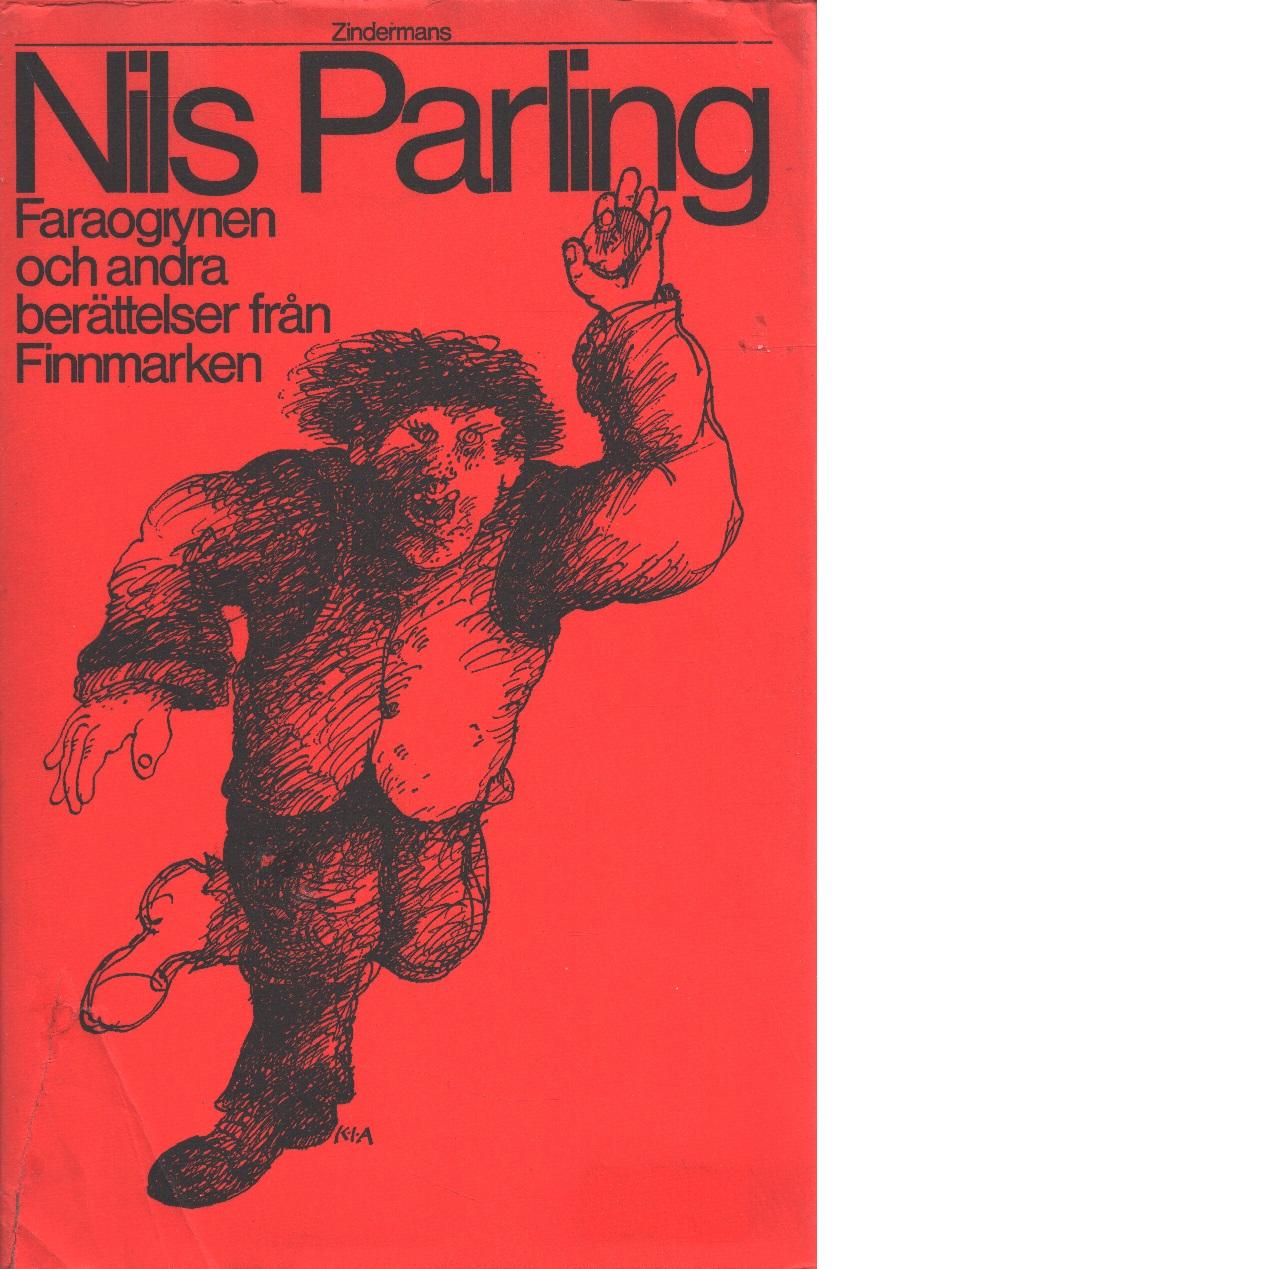 Faraogrynen och andra berättelser från Finnmarken - Parling, Nils